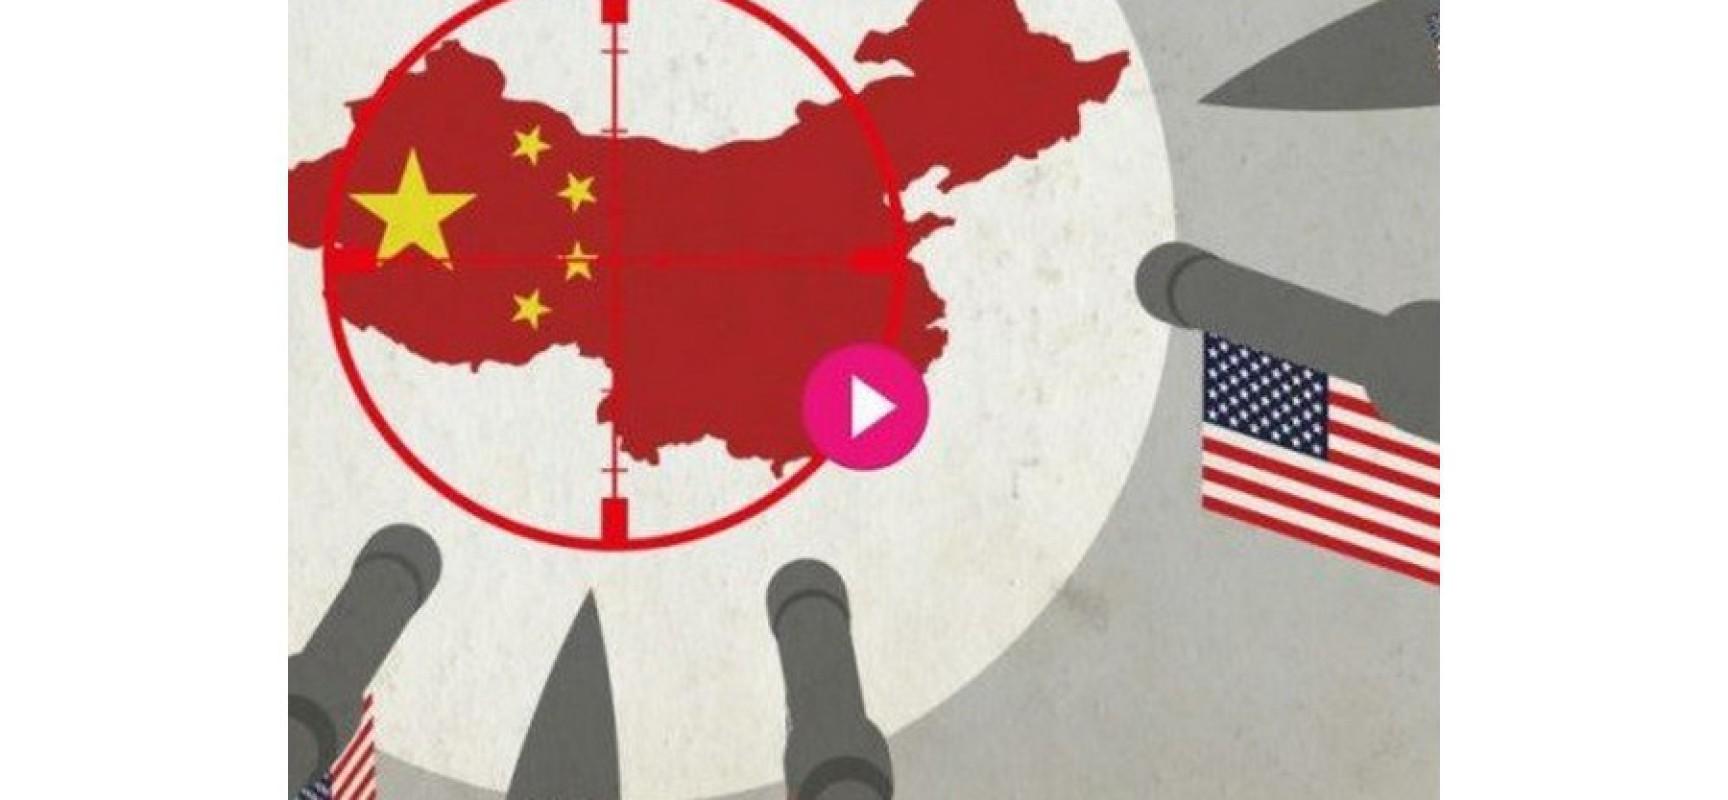 Documentaire : «La Guerre à venir contre la Chine» (Foreign Policy In Focus)